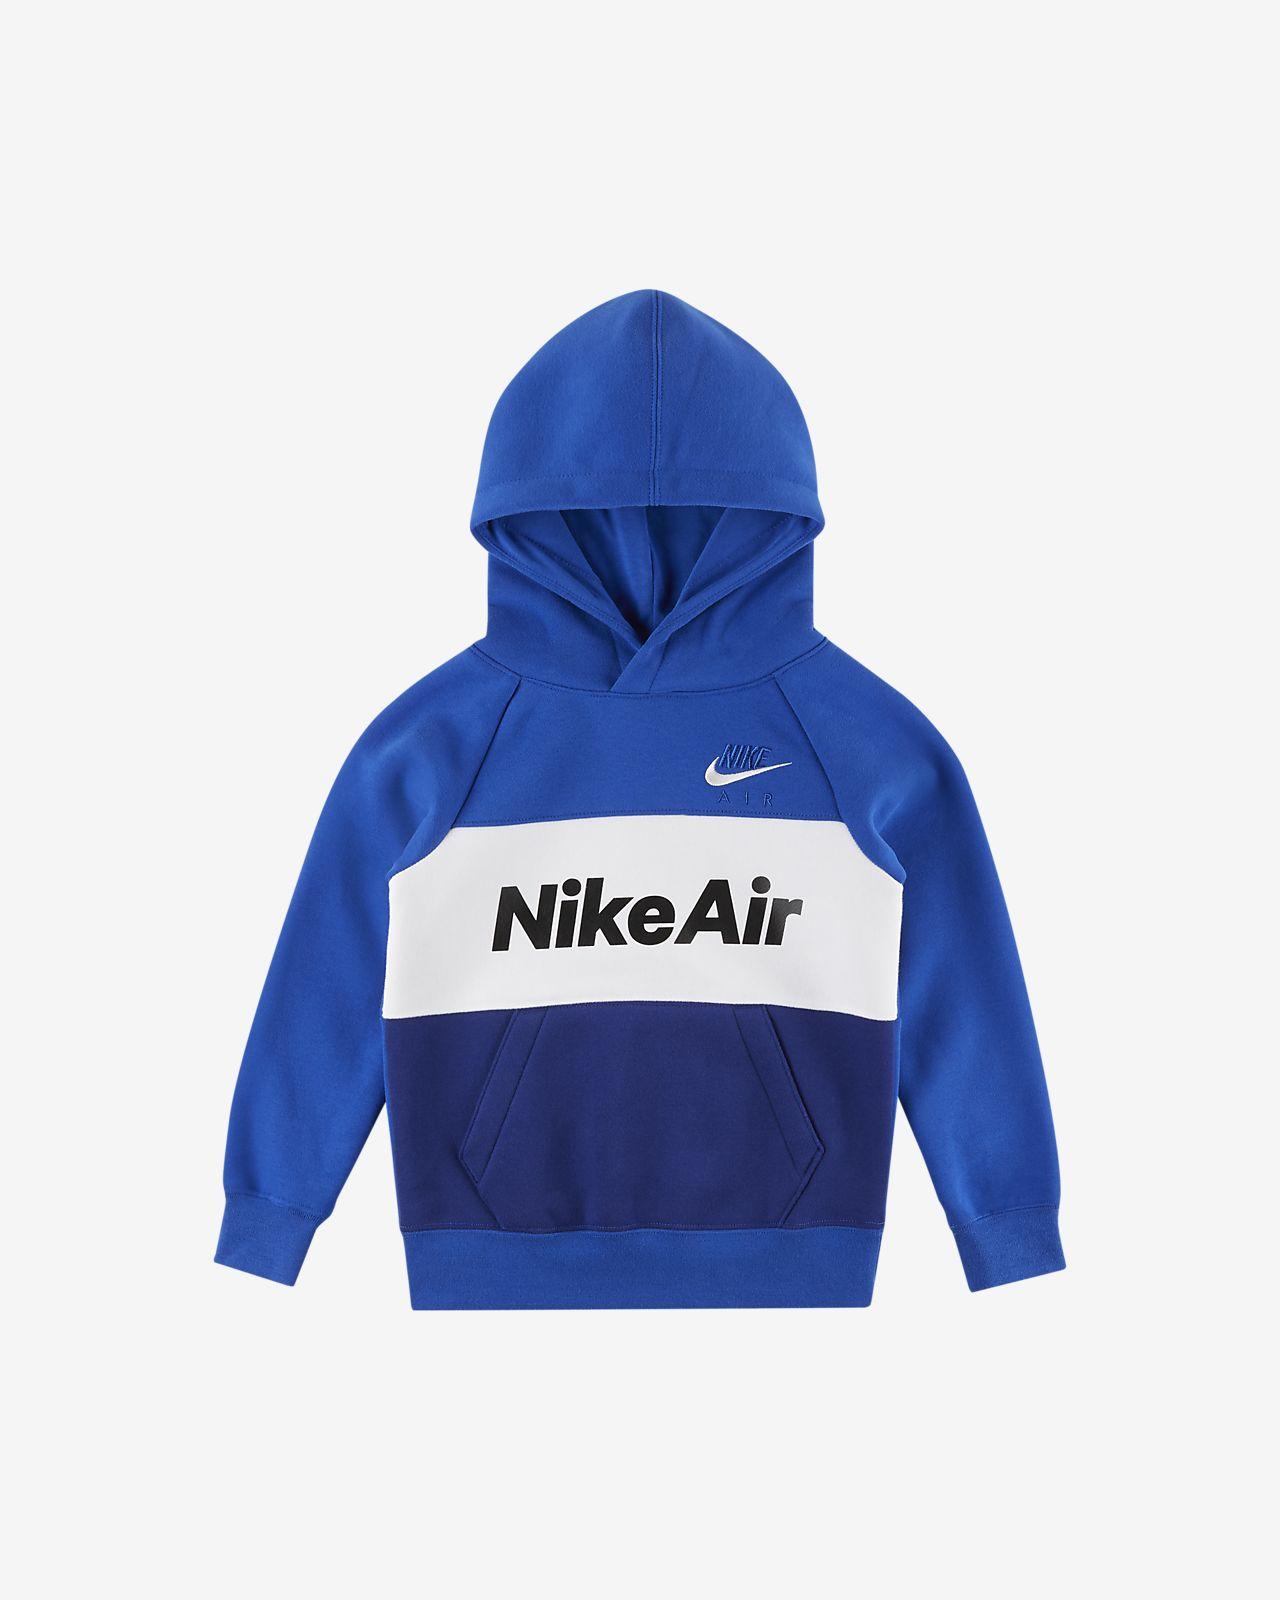 Nike Air 幼童套头连帽衫